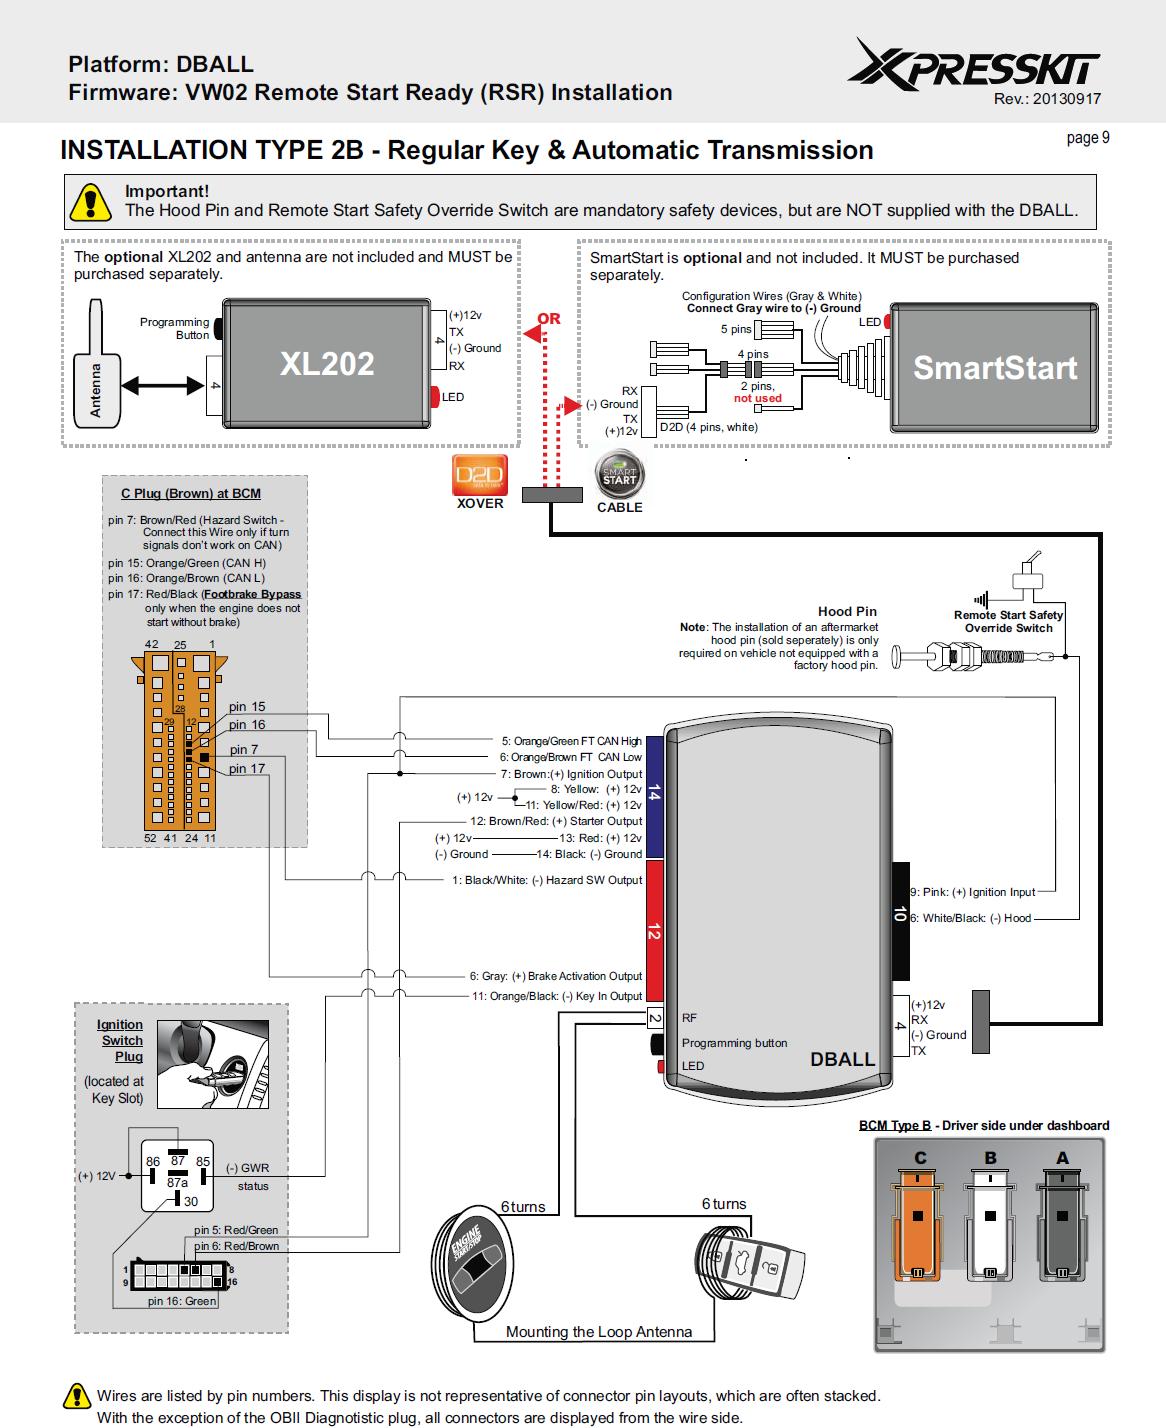 DO_6506] Viper Smart Start Wiring Diagram Free DiagramWww Mohammedshrine Librar Wiring 101